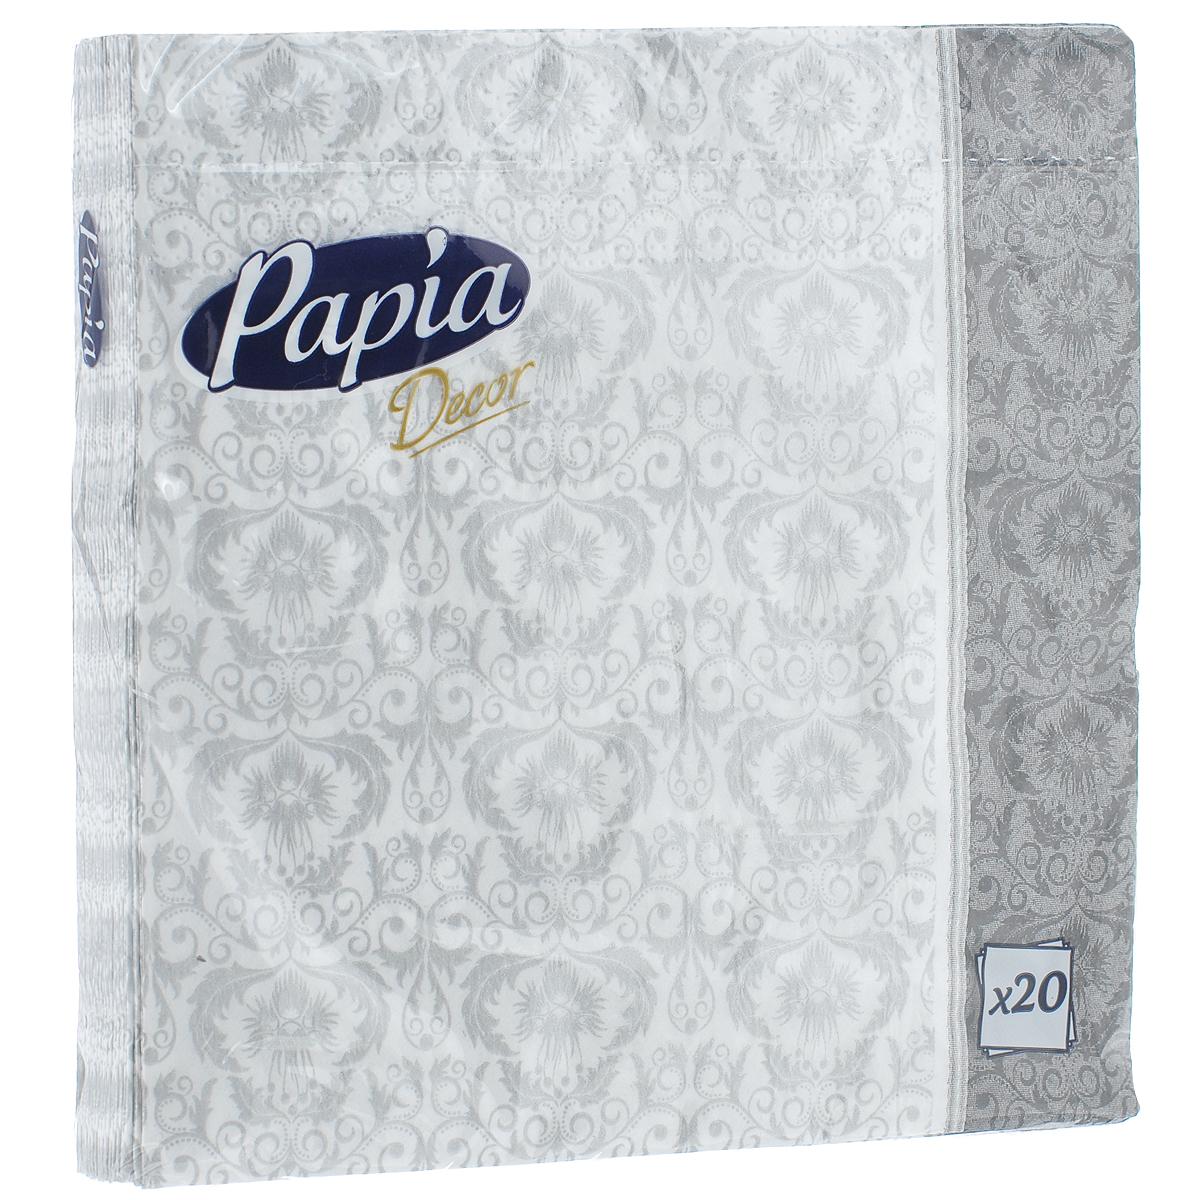 Салфетки бумажные Papia Decor, трехслойные, цвет: серый, белый, 33 x 33 см, 20 шт787502Трехслойные салфетки Papia Decor, выполненные из 100% целлюлозы, оформлены орнаментом. Салфетки предназначены для красивой сервировки стола. Оригинальный дизайн салфеток добавит изысканности вашему столу и поднимет настроение. Размер салфеток: 33 см х 33 см.